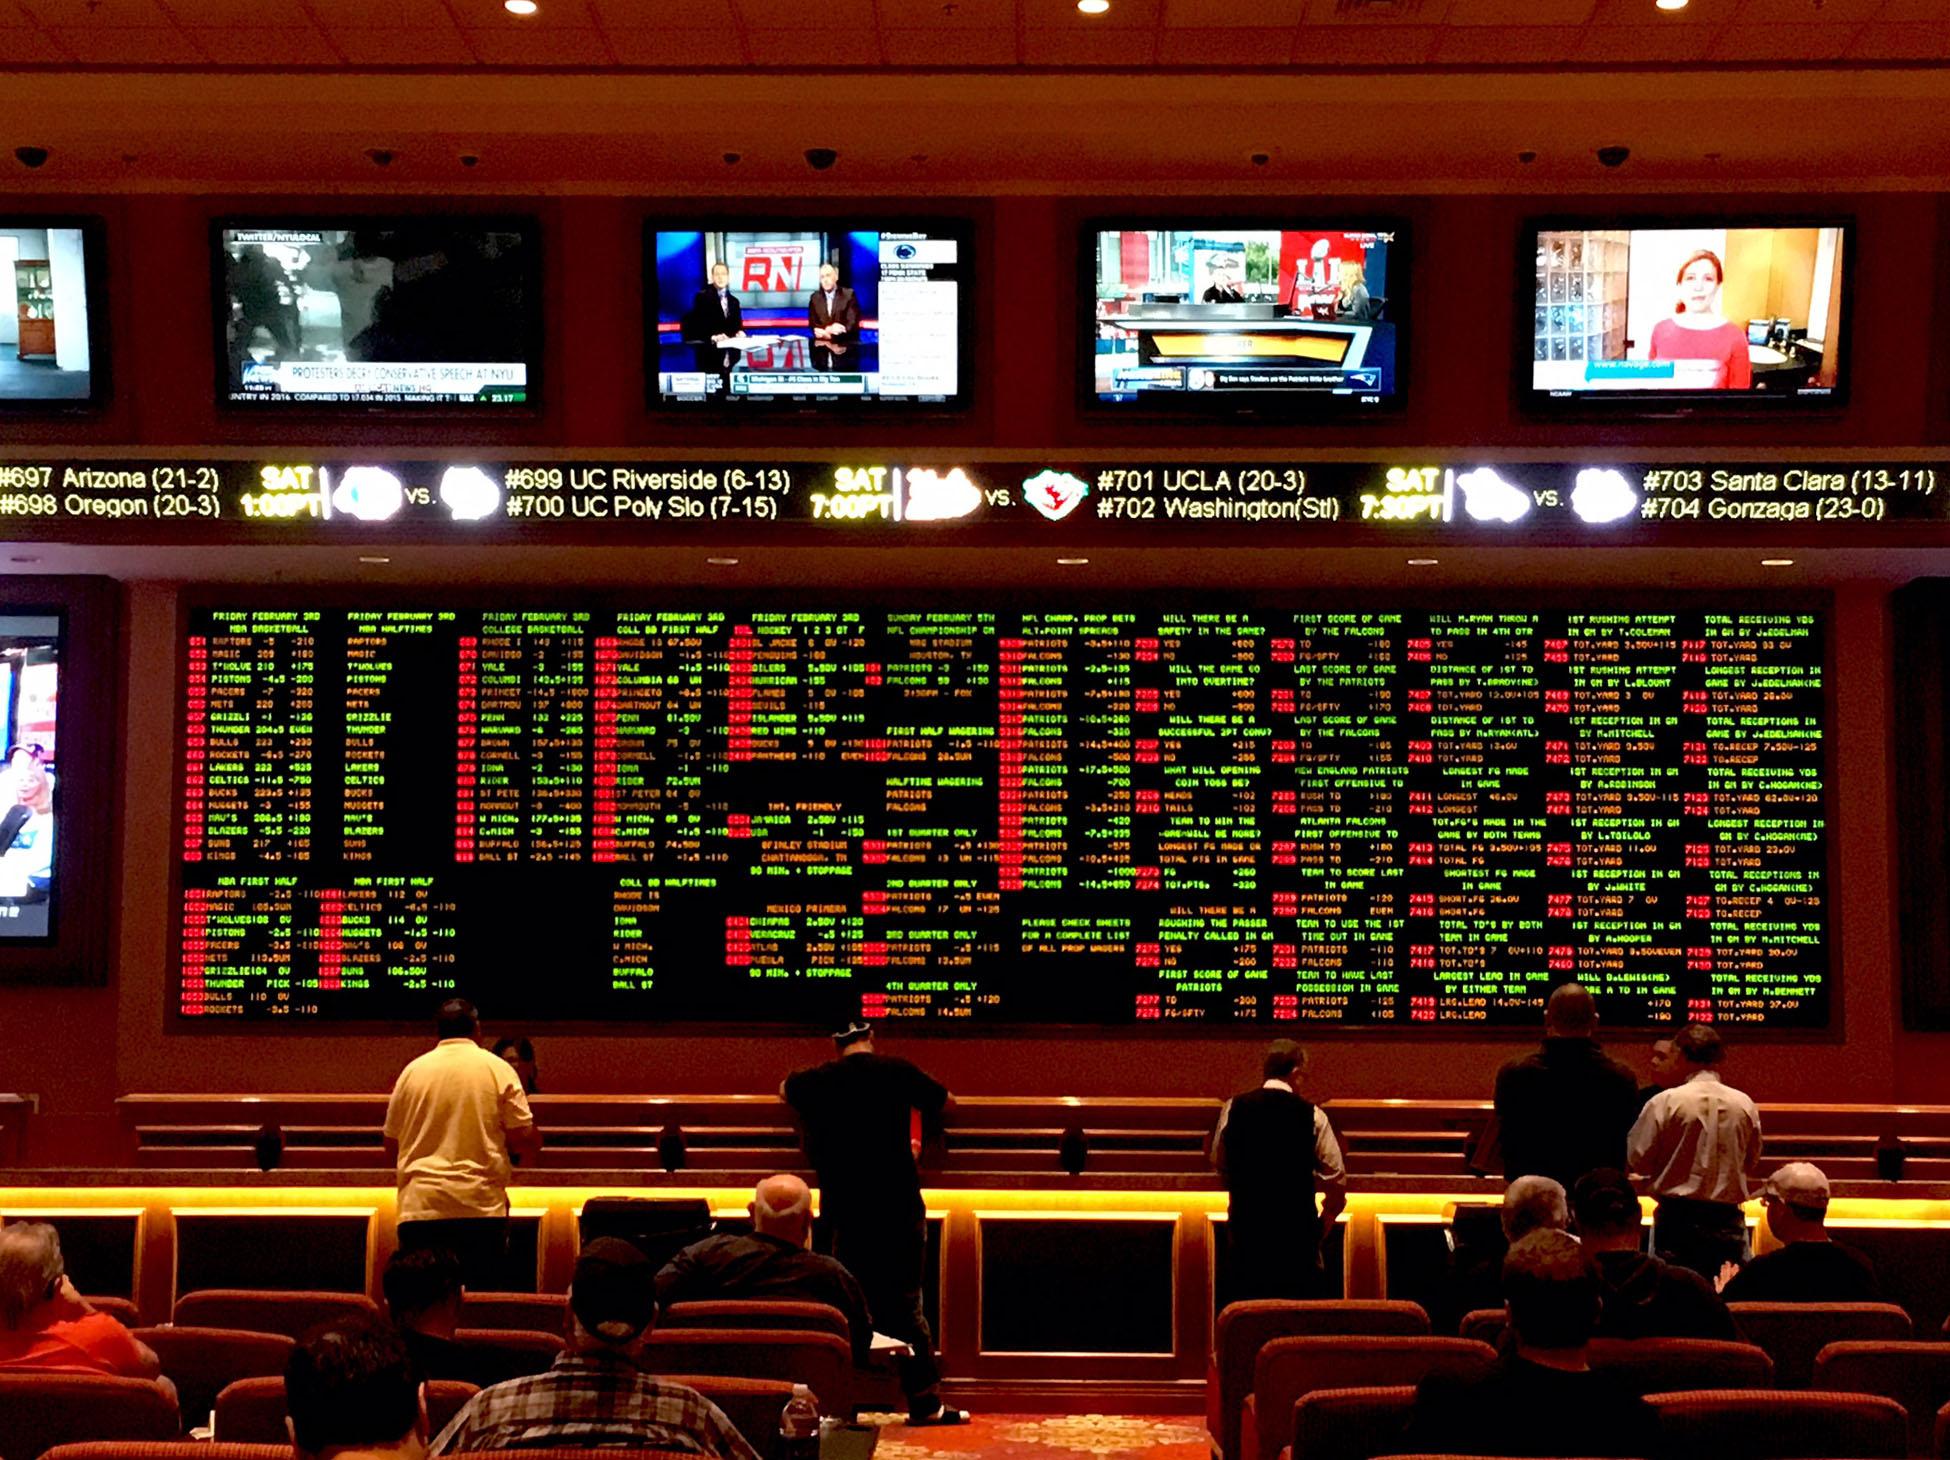 Super Bowl Odds | Vegas Stats & Information Network